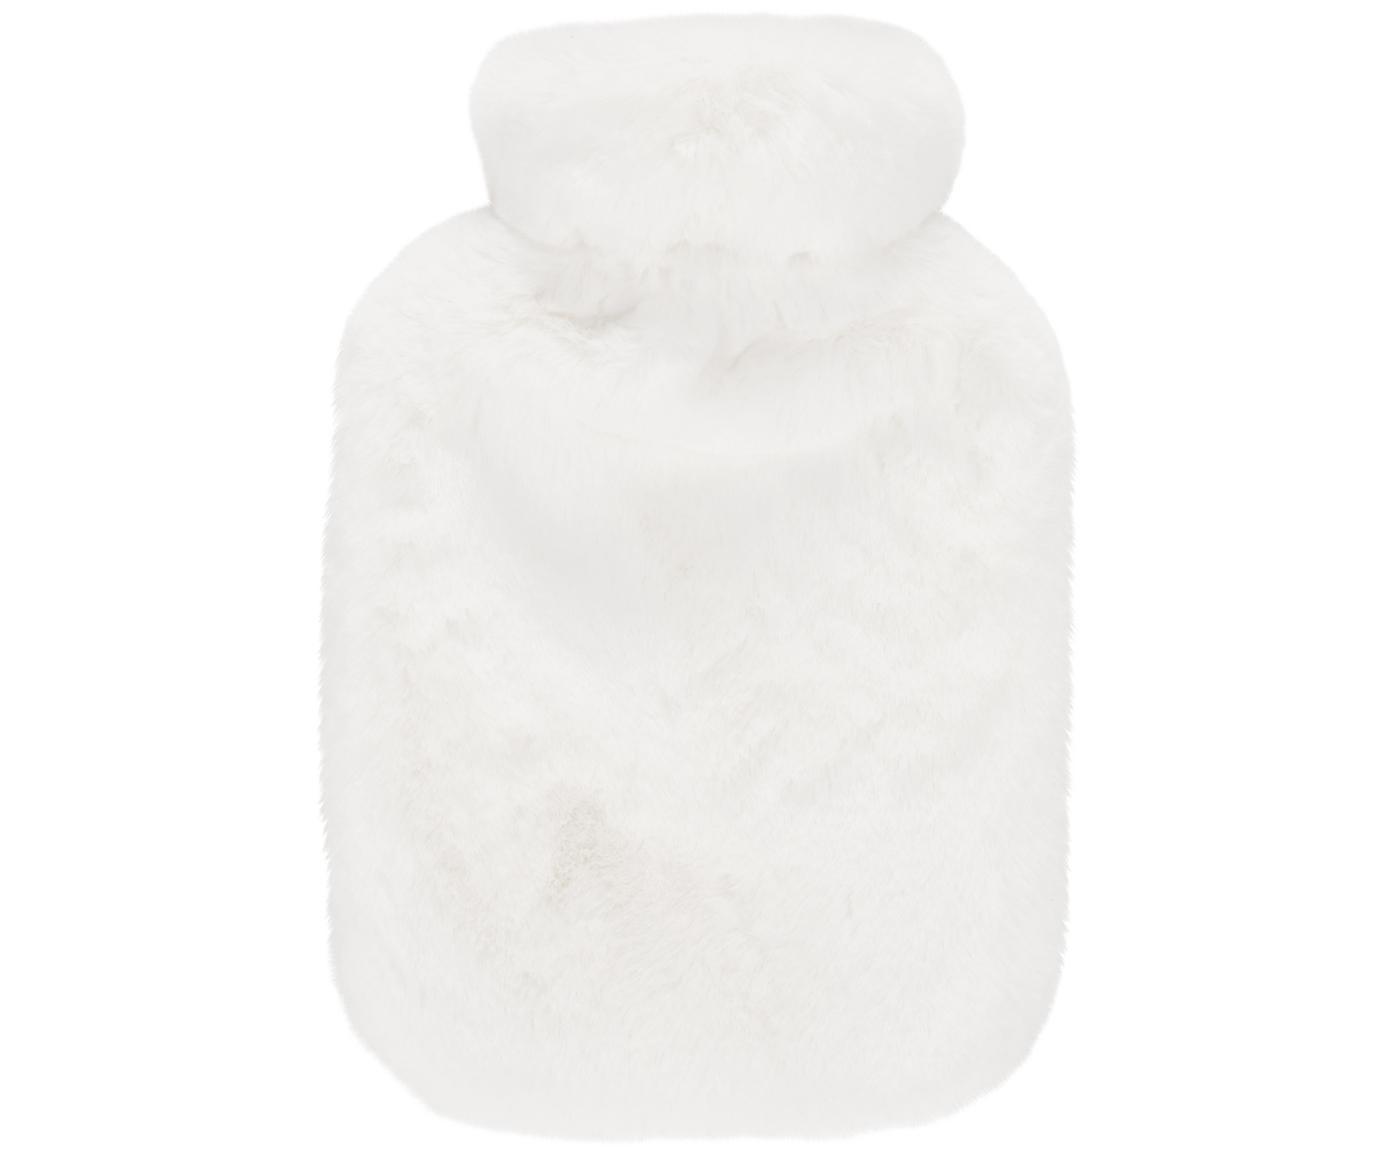 Borsa per acqua calda in pelliccia sintetica Mette, Rivestimento: 100% poliestere, Crema, Larg. 23 x Lung. 35 cm